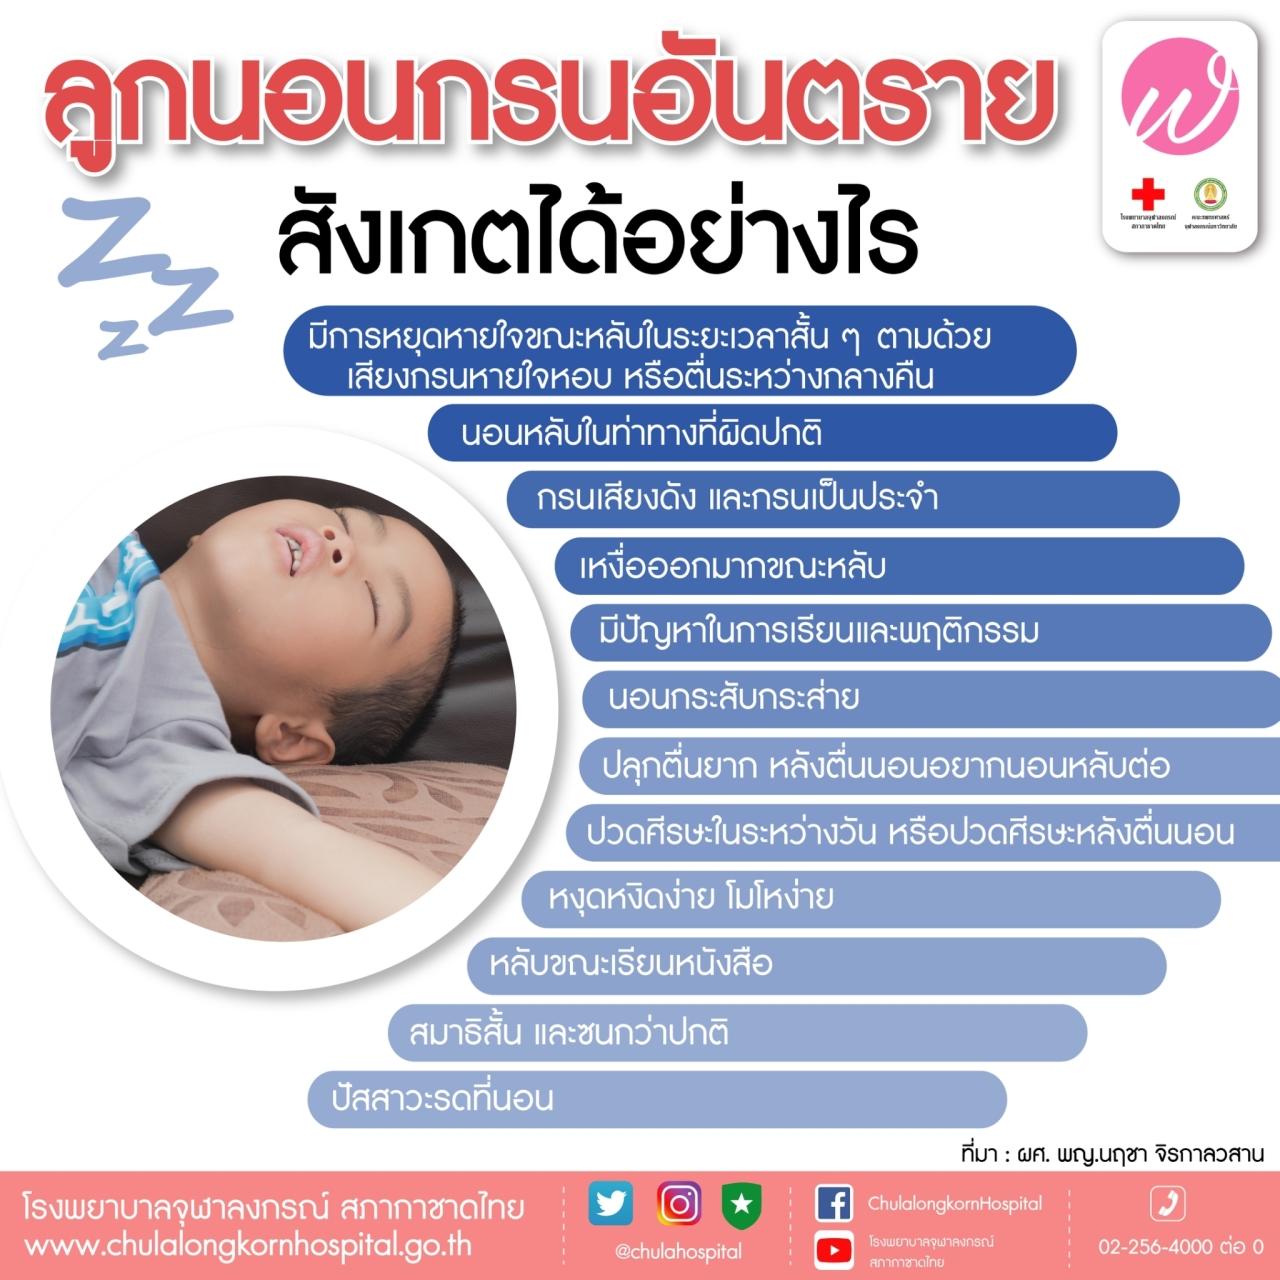 ลูกนอนกรนอันตราย สังเกตได้อย่างไร